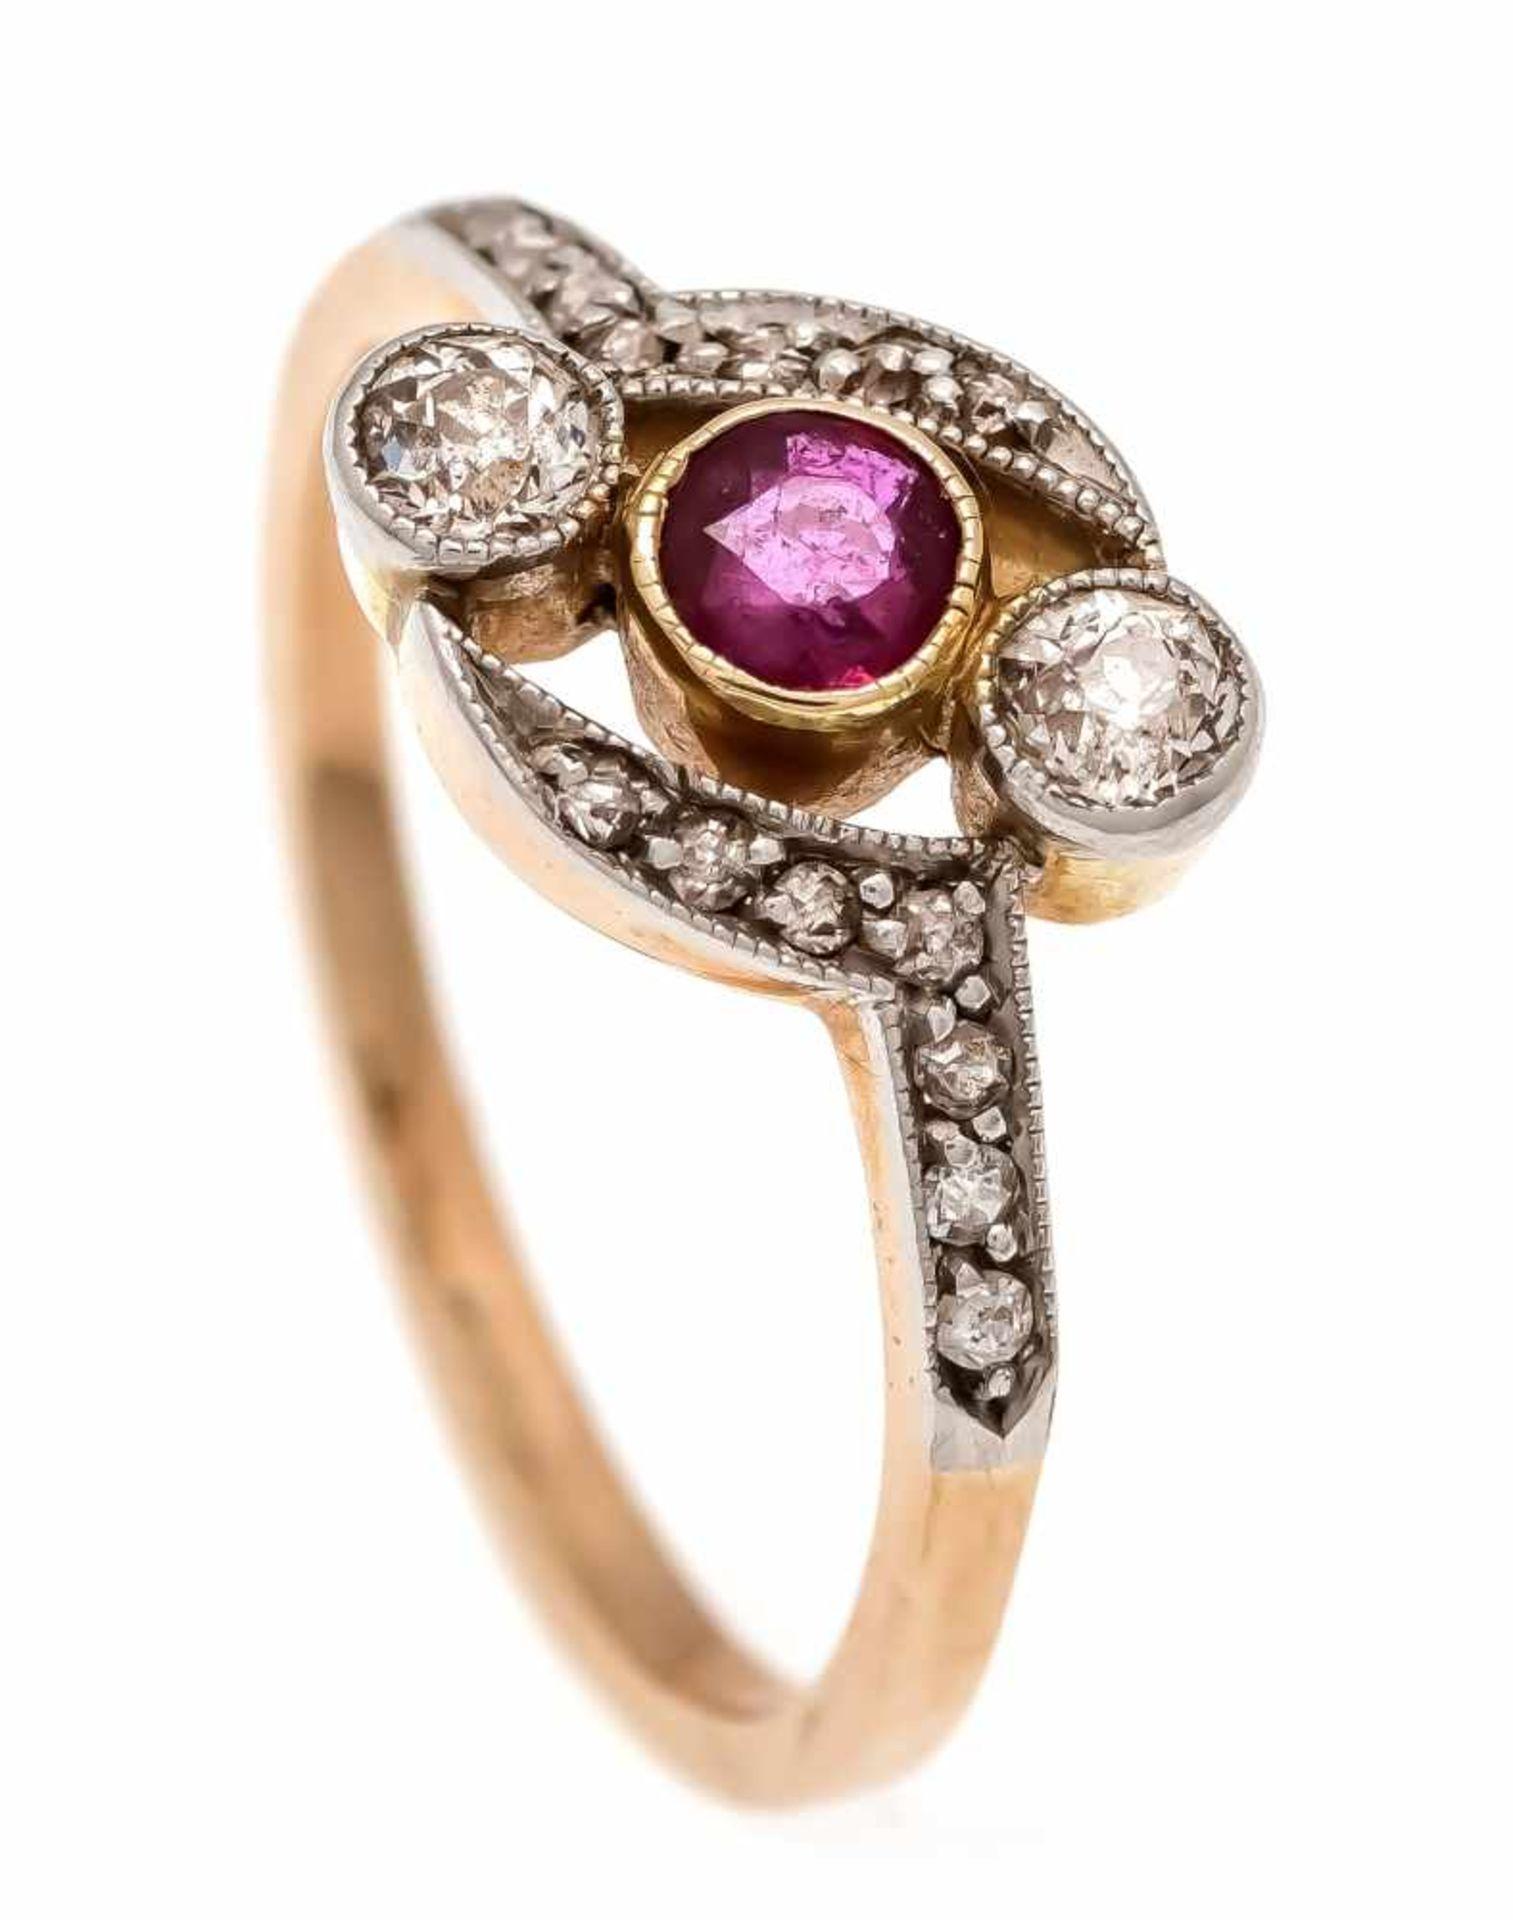 Rubin-Altschliff-Diamantrosen-Ring GG/WG 585/000 mit einem rund fac. Rubin 3 mm, 2Altschliff-